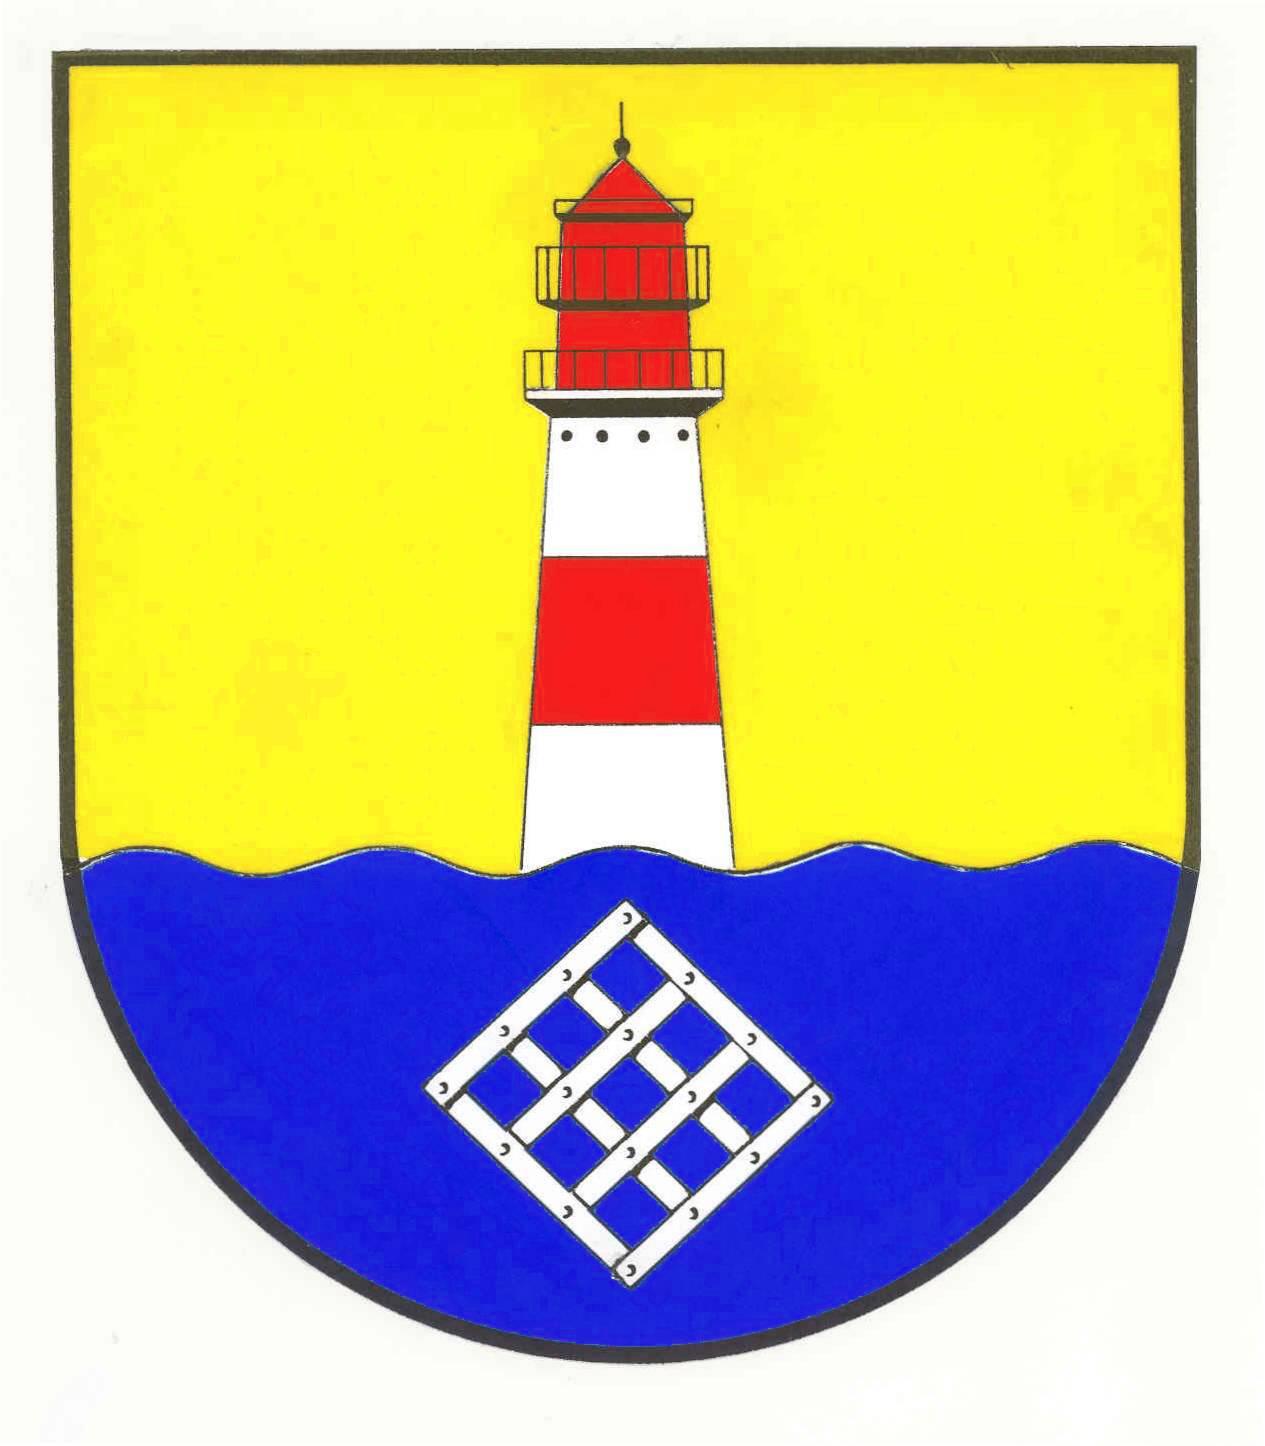 Wappen GemeindePommerby, Kreis Schleswig-Flensburg